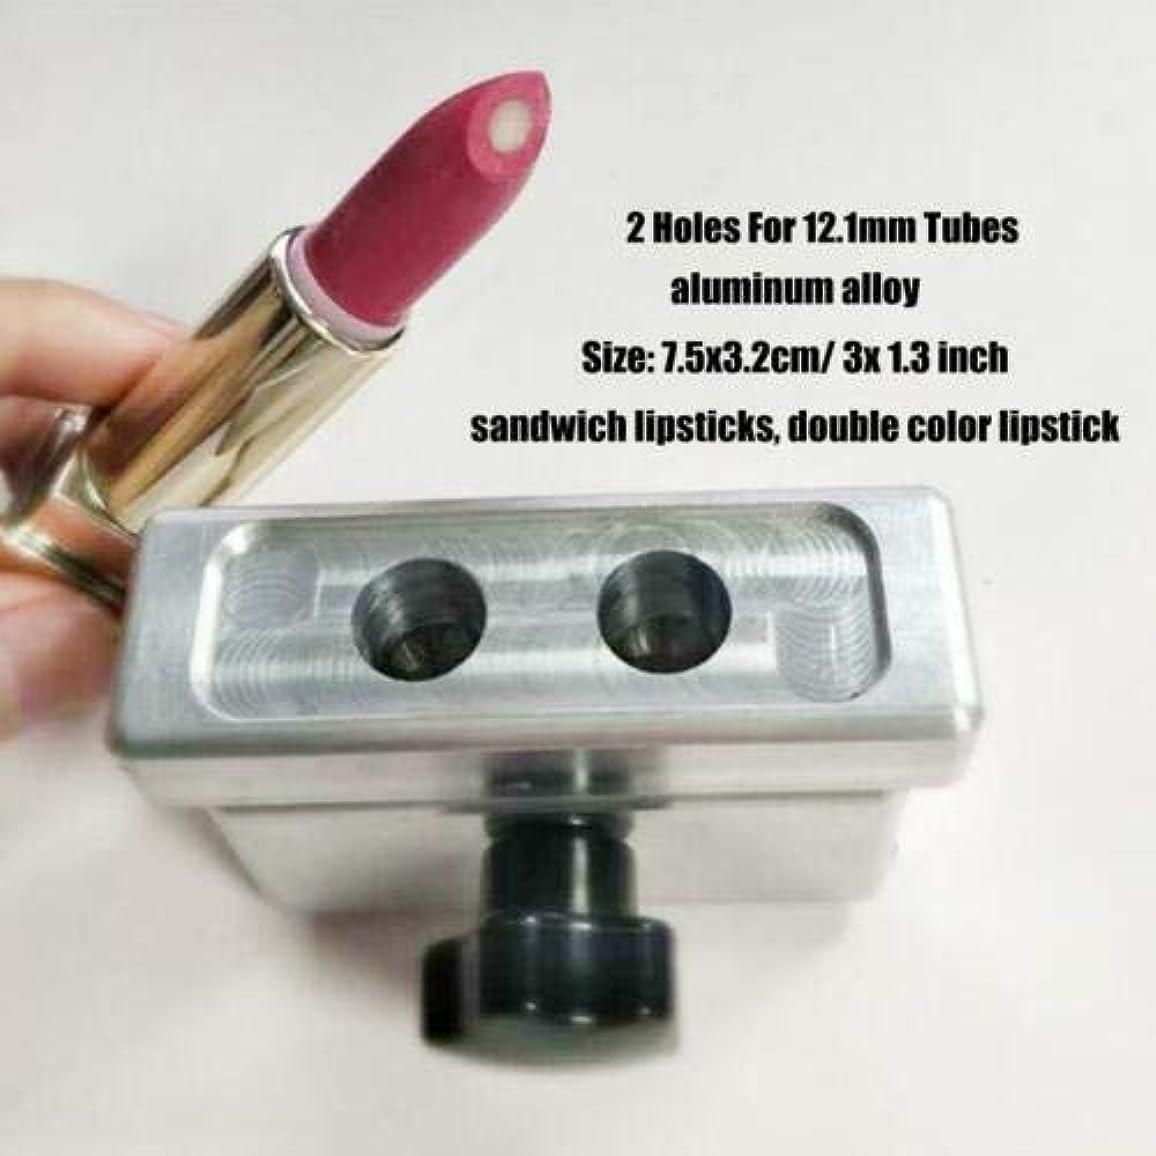 パイル殺人者制約FidgetGear DIY口紅型リップスティック型メーカー2 4 6穴用9 mm 11.1 mm 12.1 mmチューブ #5(2穴12.1mm)